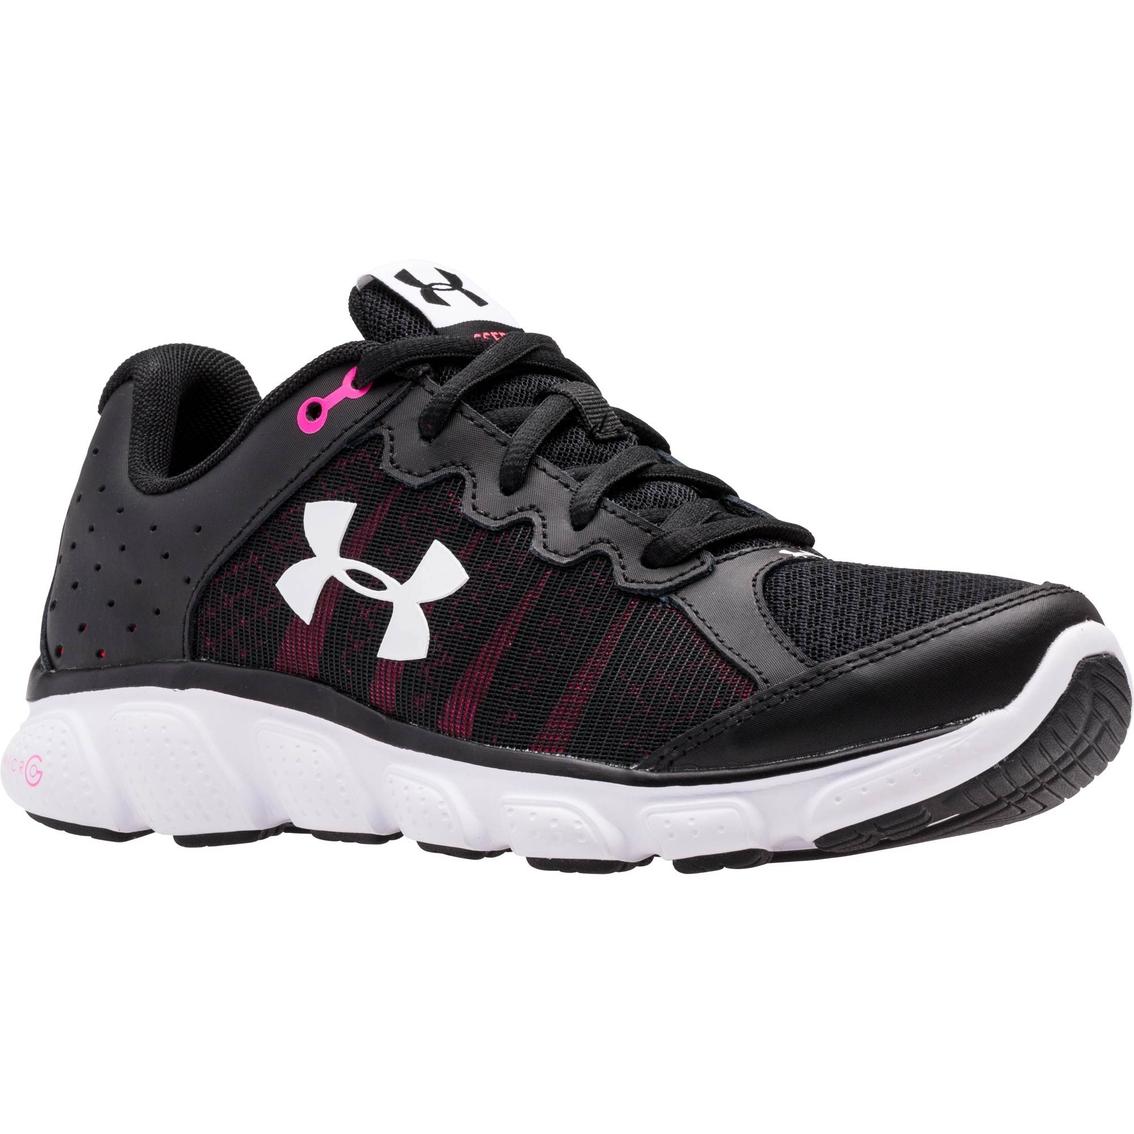 Under Armour Women s Micro G Assert 6 Running Shoes  9b6707149d